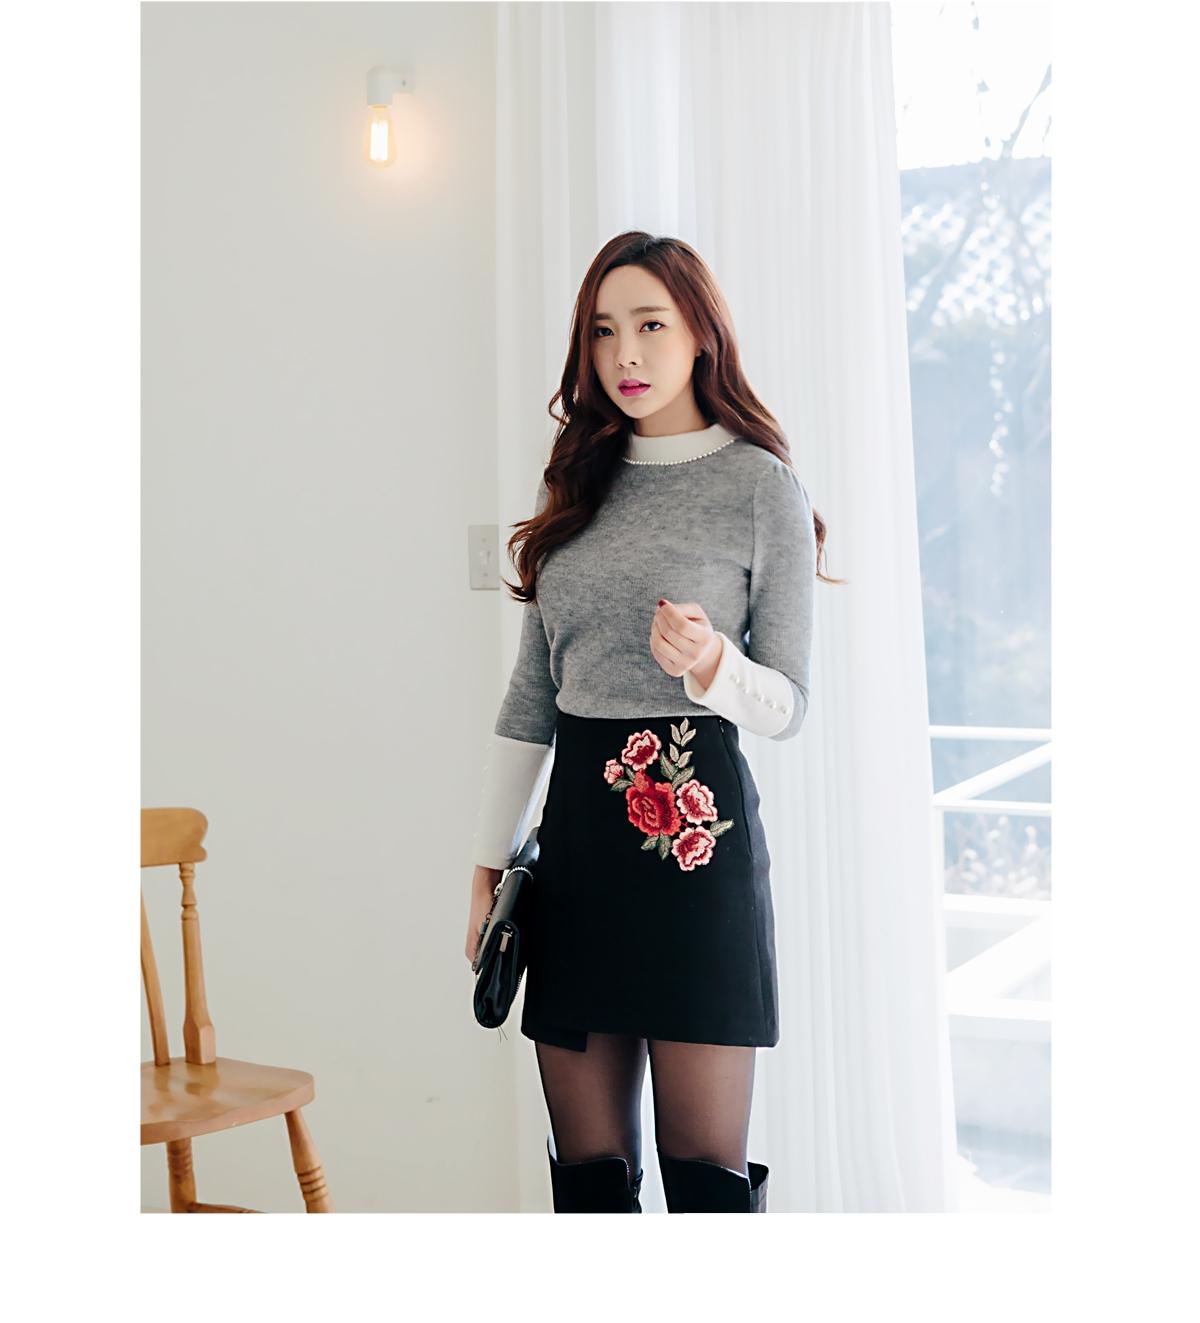 redopin-韩国可爱搭配韩版冬季魅力珍珠韩国代购毛衣